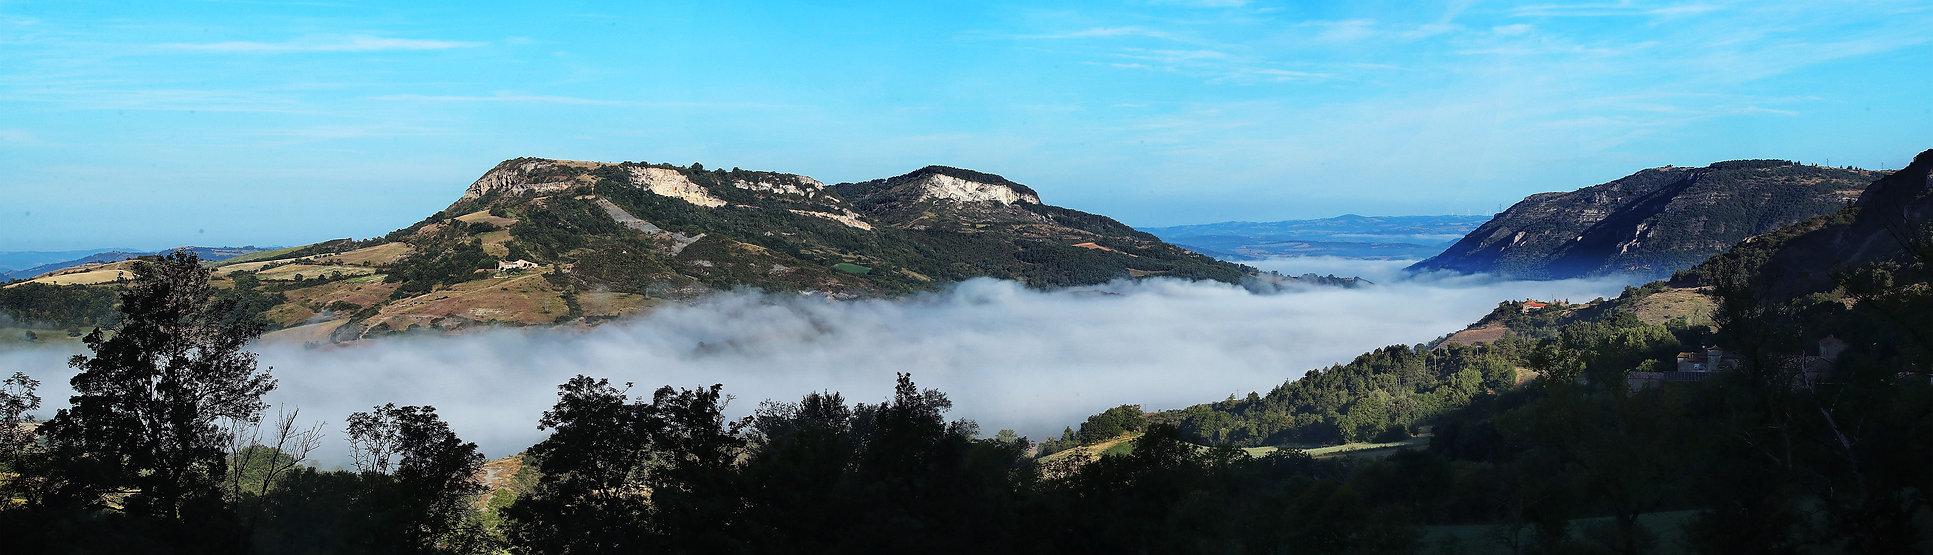 Vue de la côte du Vial du Pas de Jaux.jpg